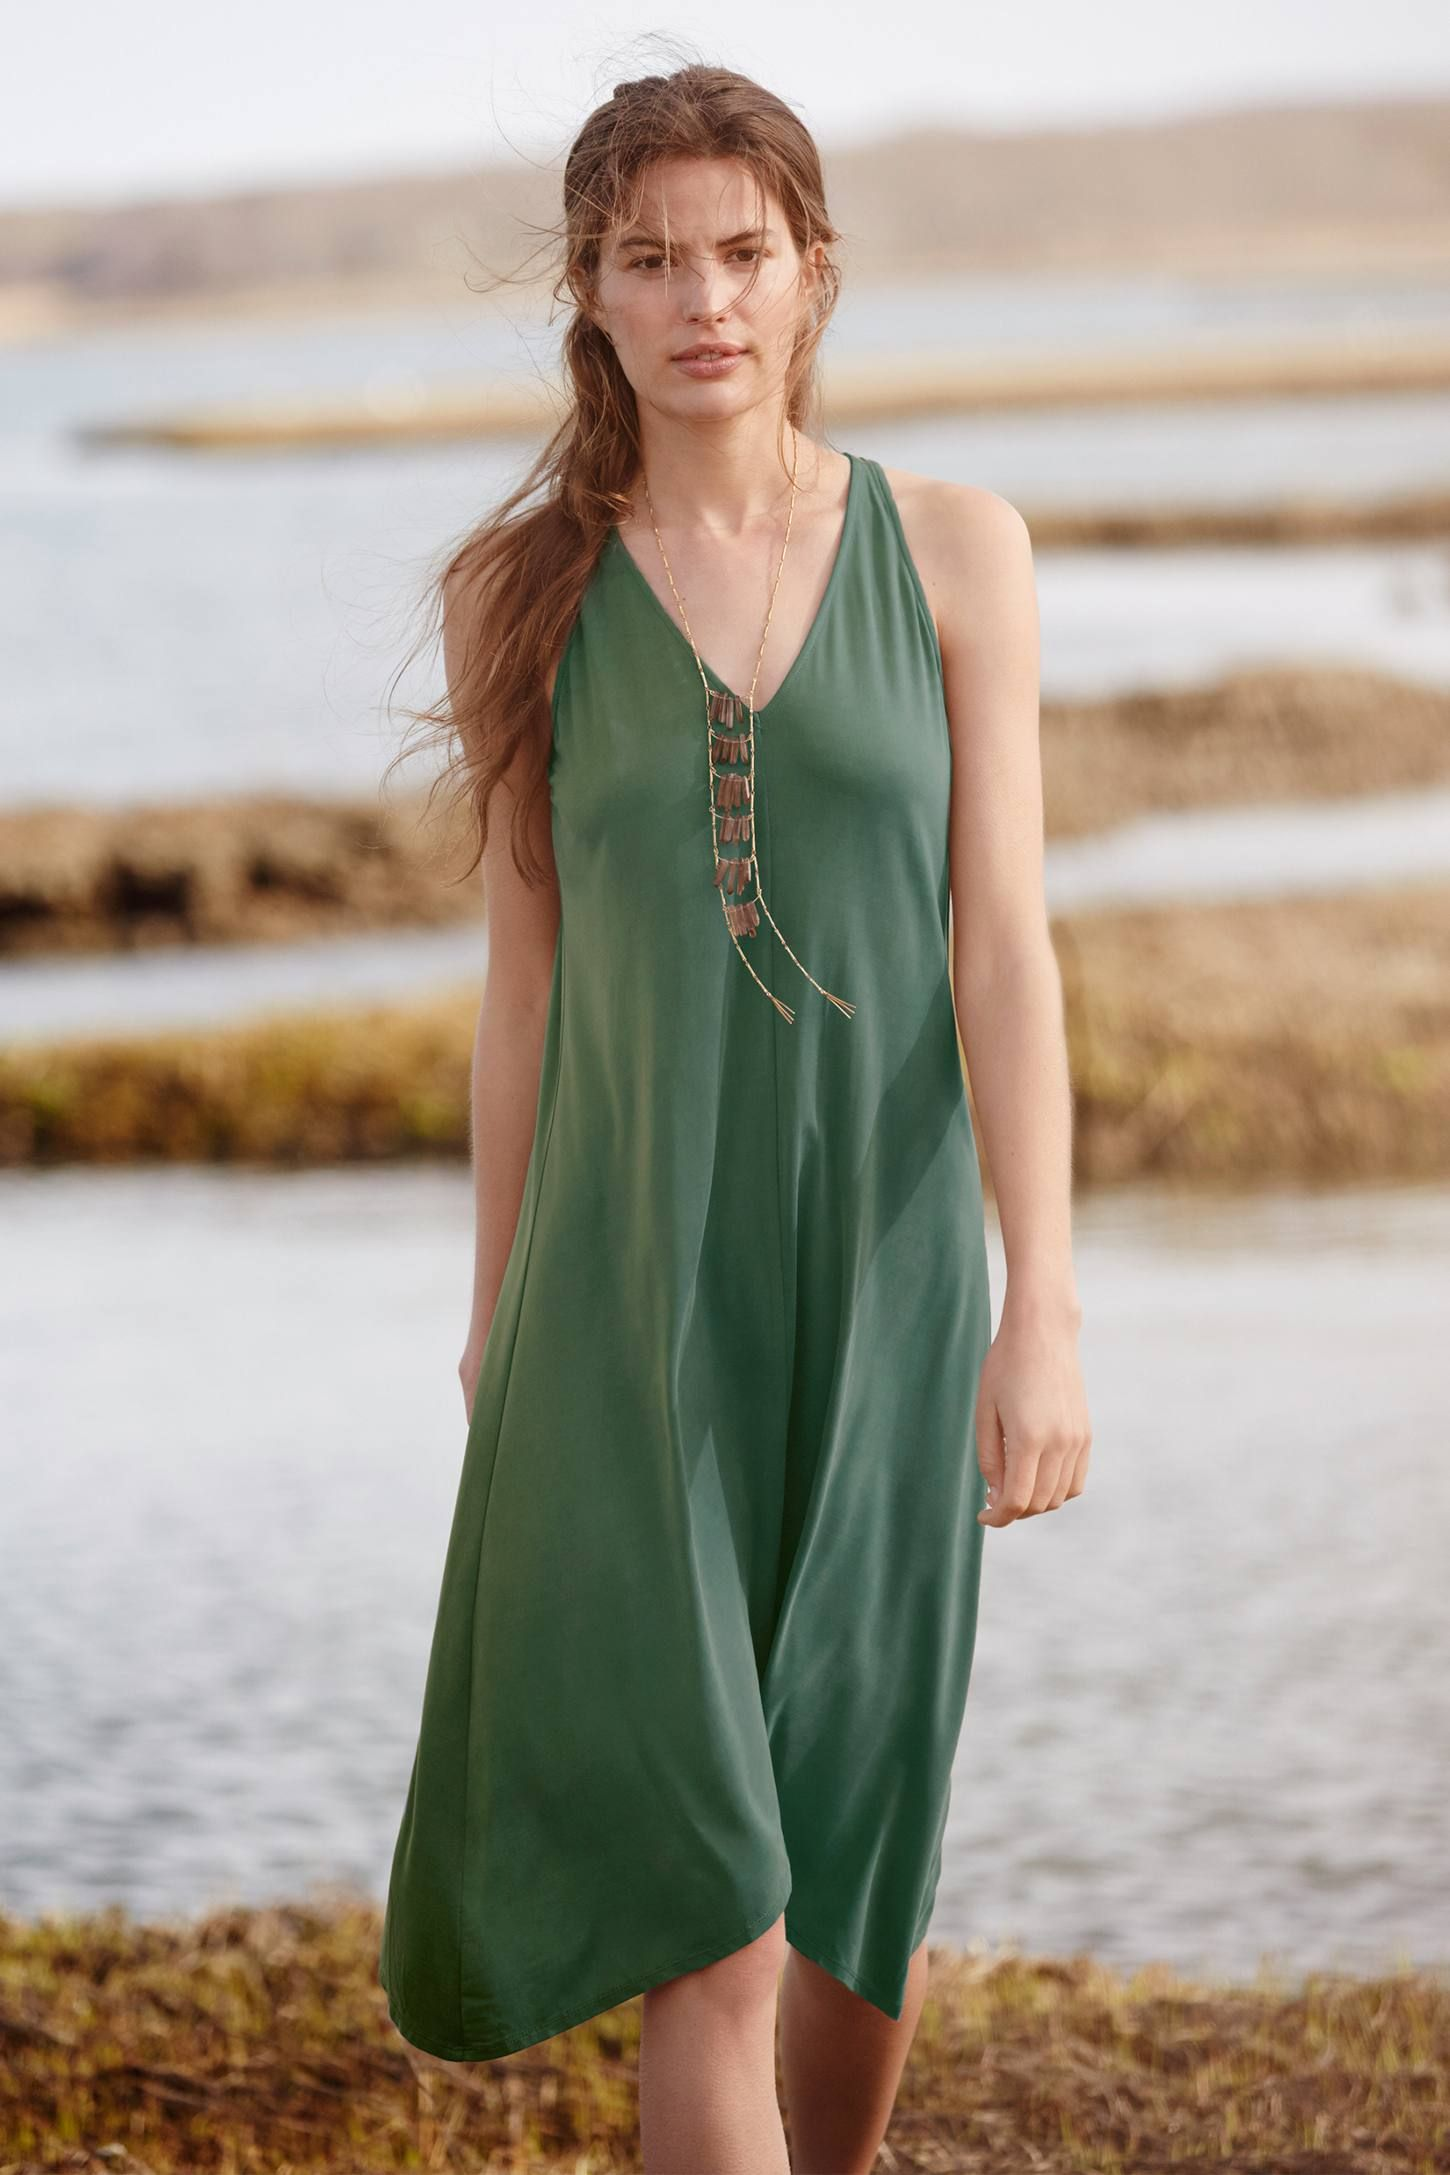 Charmant Willa Spitze Cocktail Kleid Ideen - Hochzeit Kleid Stile ...